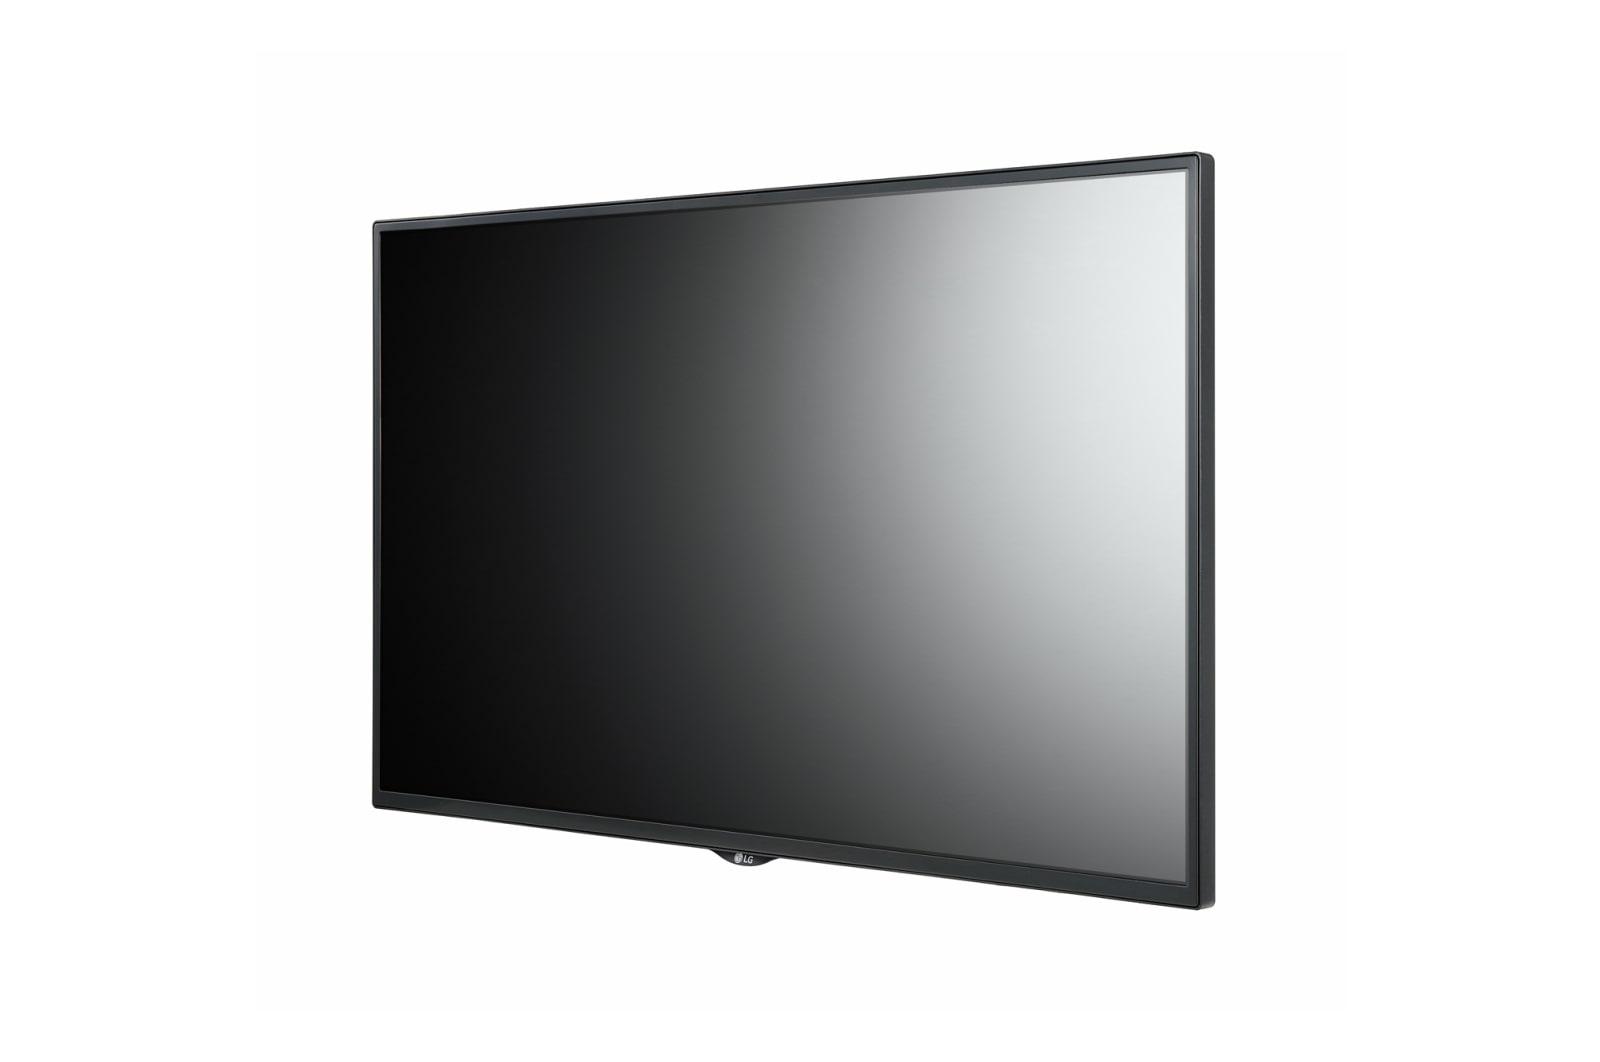 LG SM5KE Series | LG GLOBAL